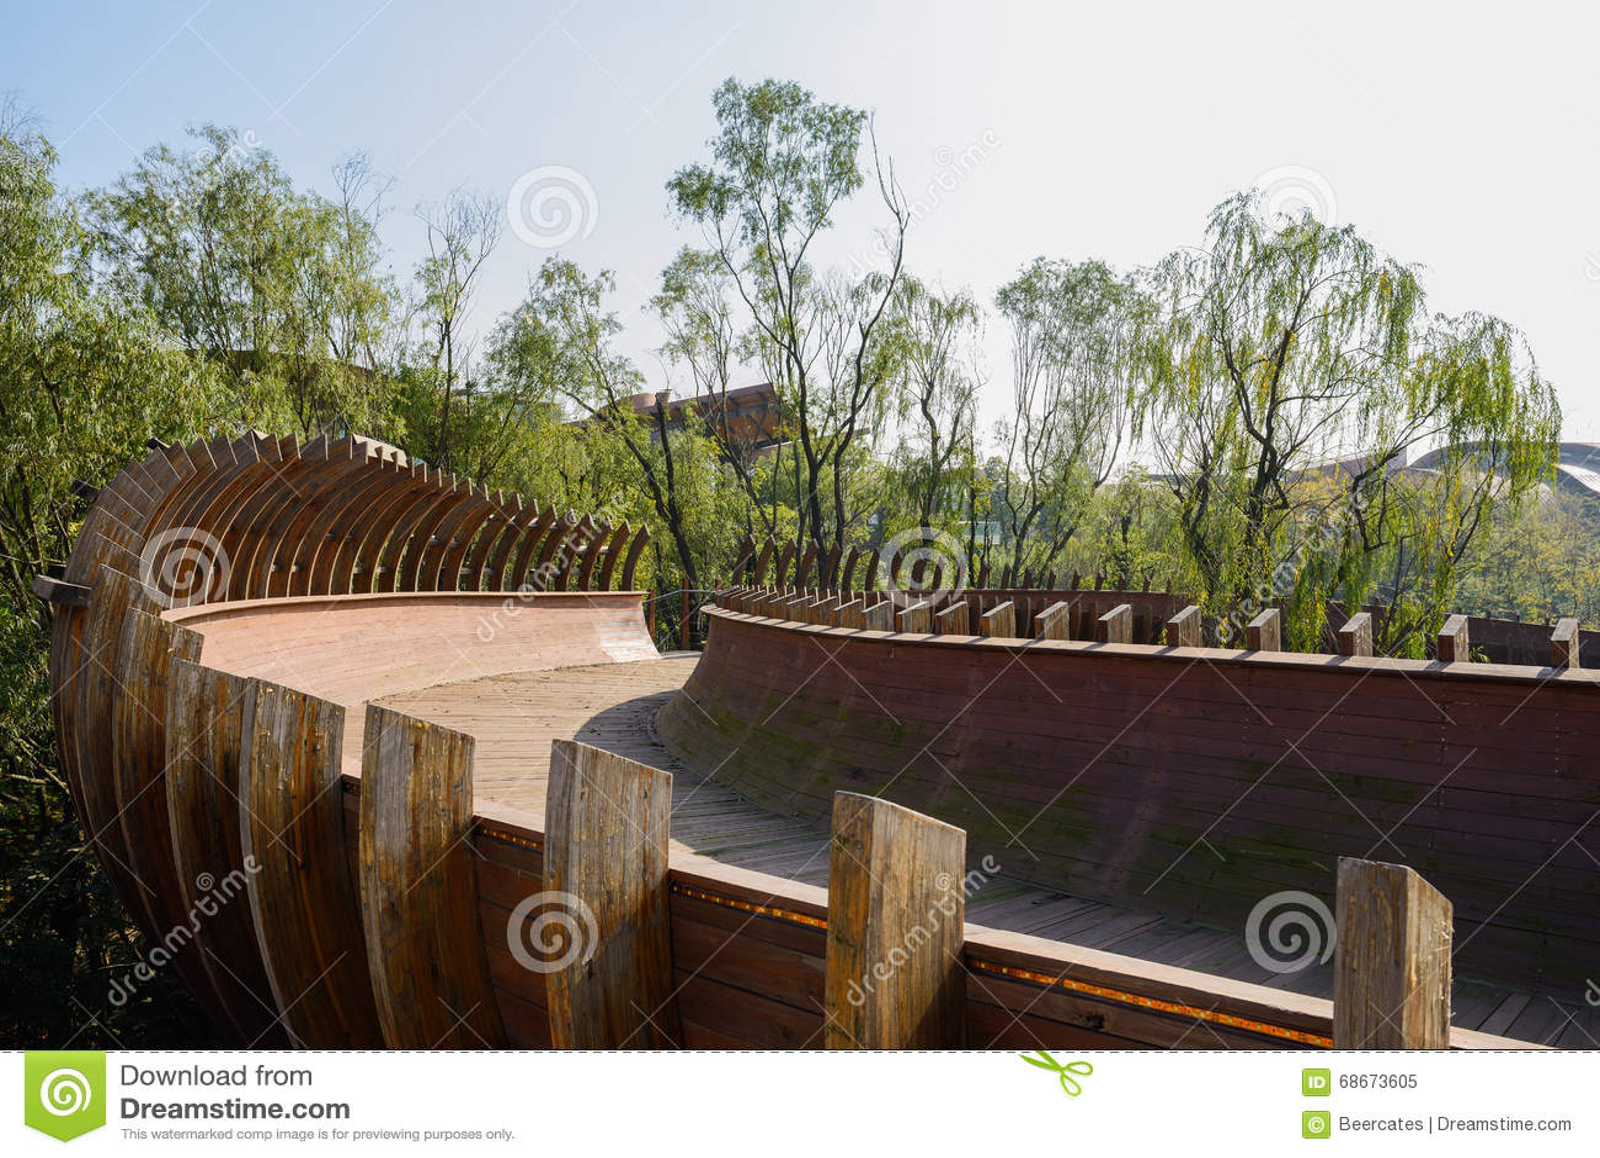 Passerella di legno Semitubular in aria a mezzogiorno soleggiato